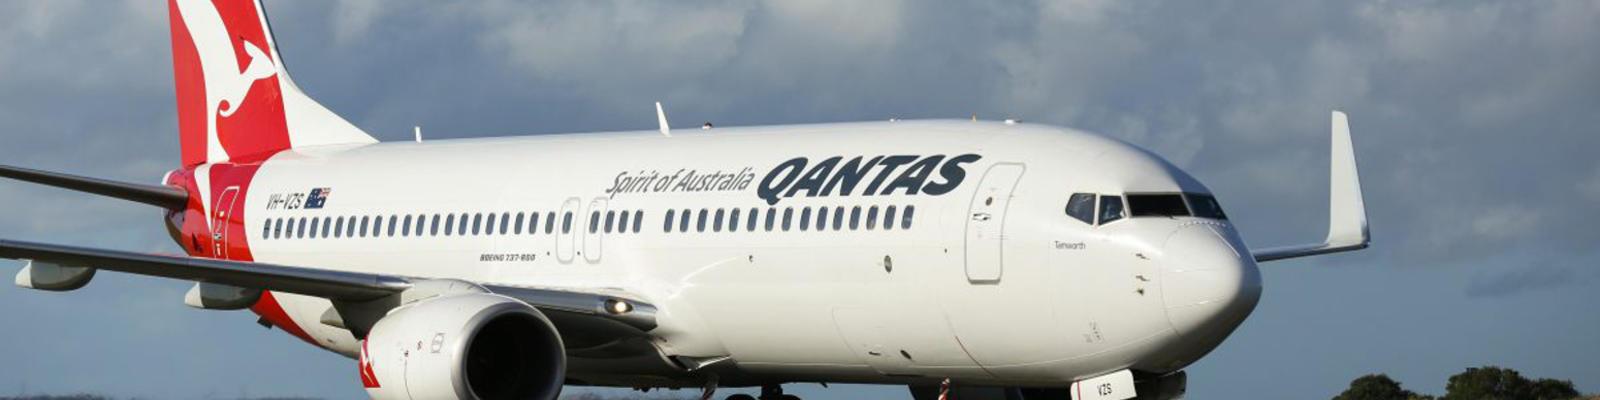 A Qantas aircraft on the runway